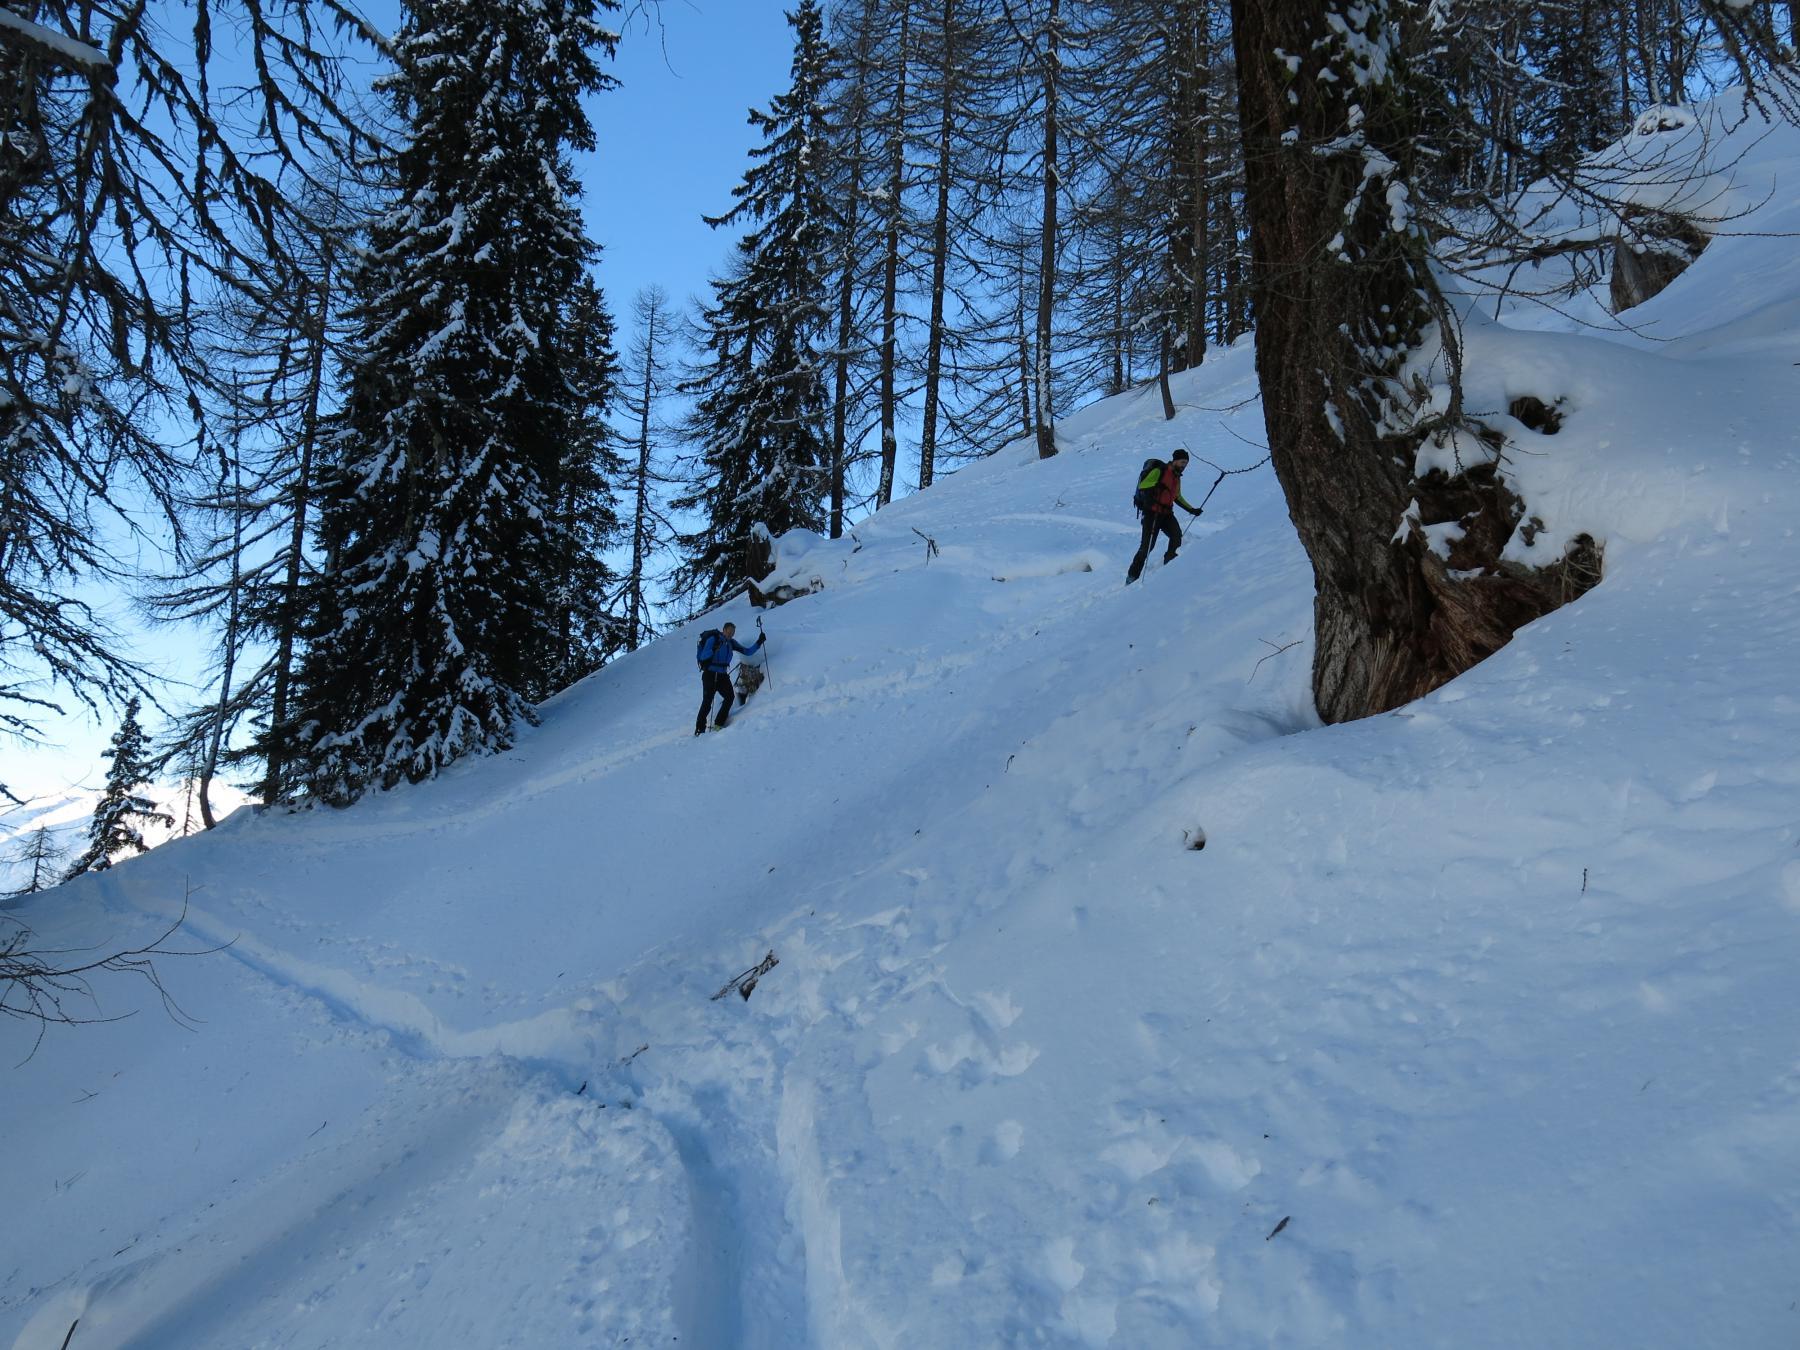 nel bosco superiore più rado si riesce a sciare